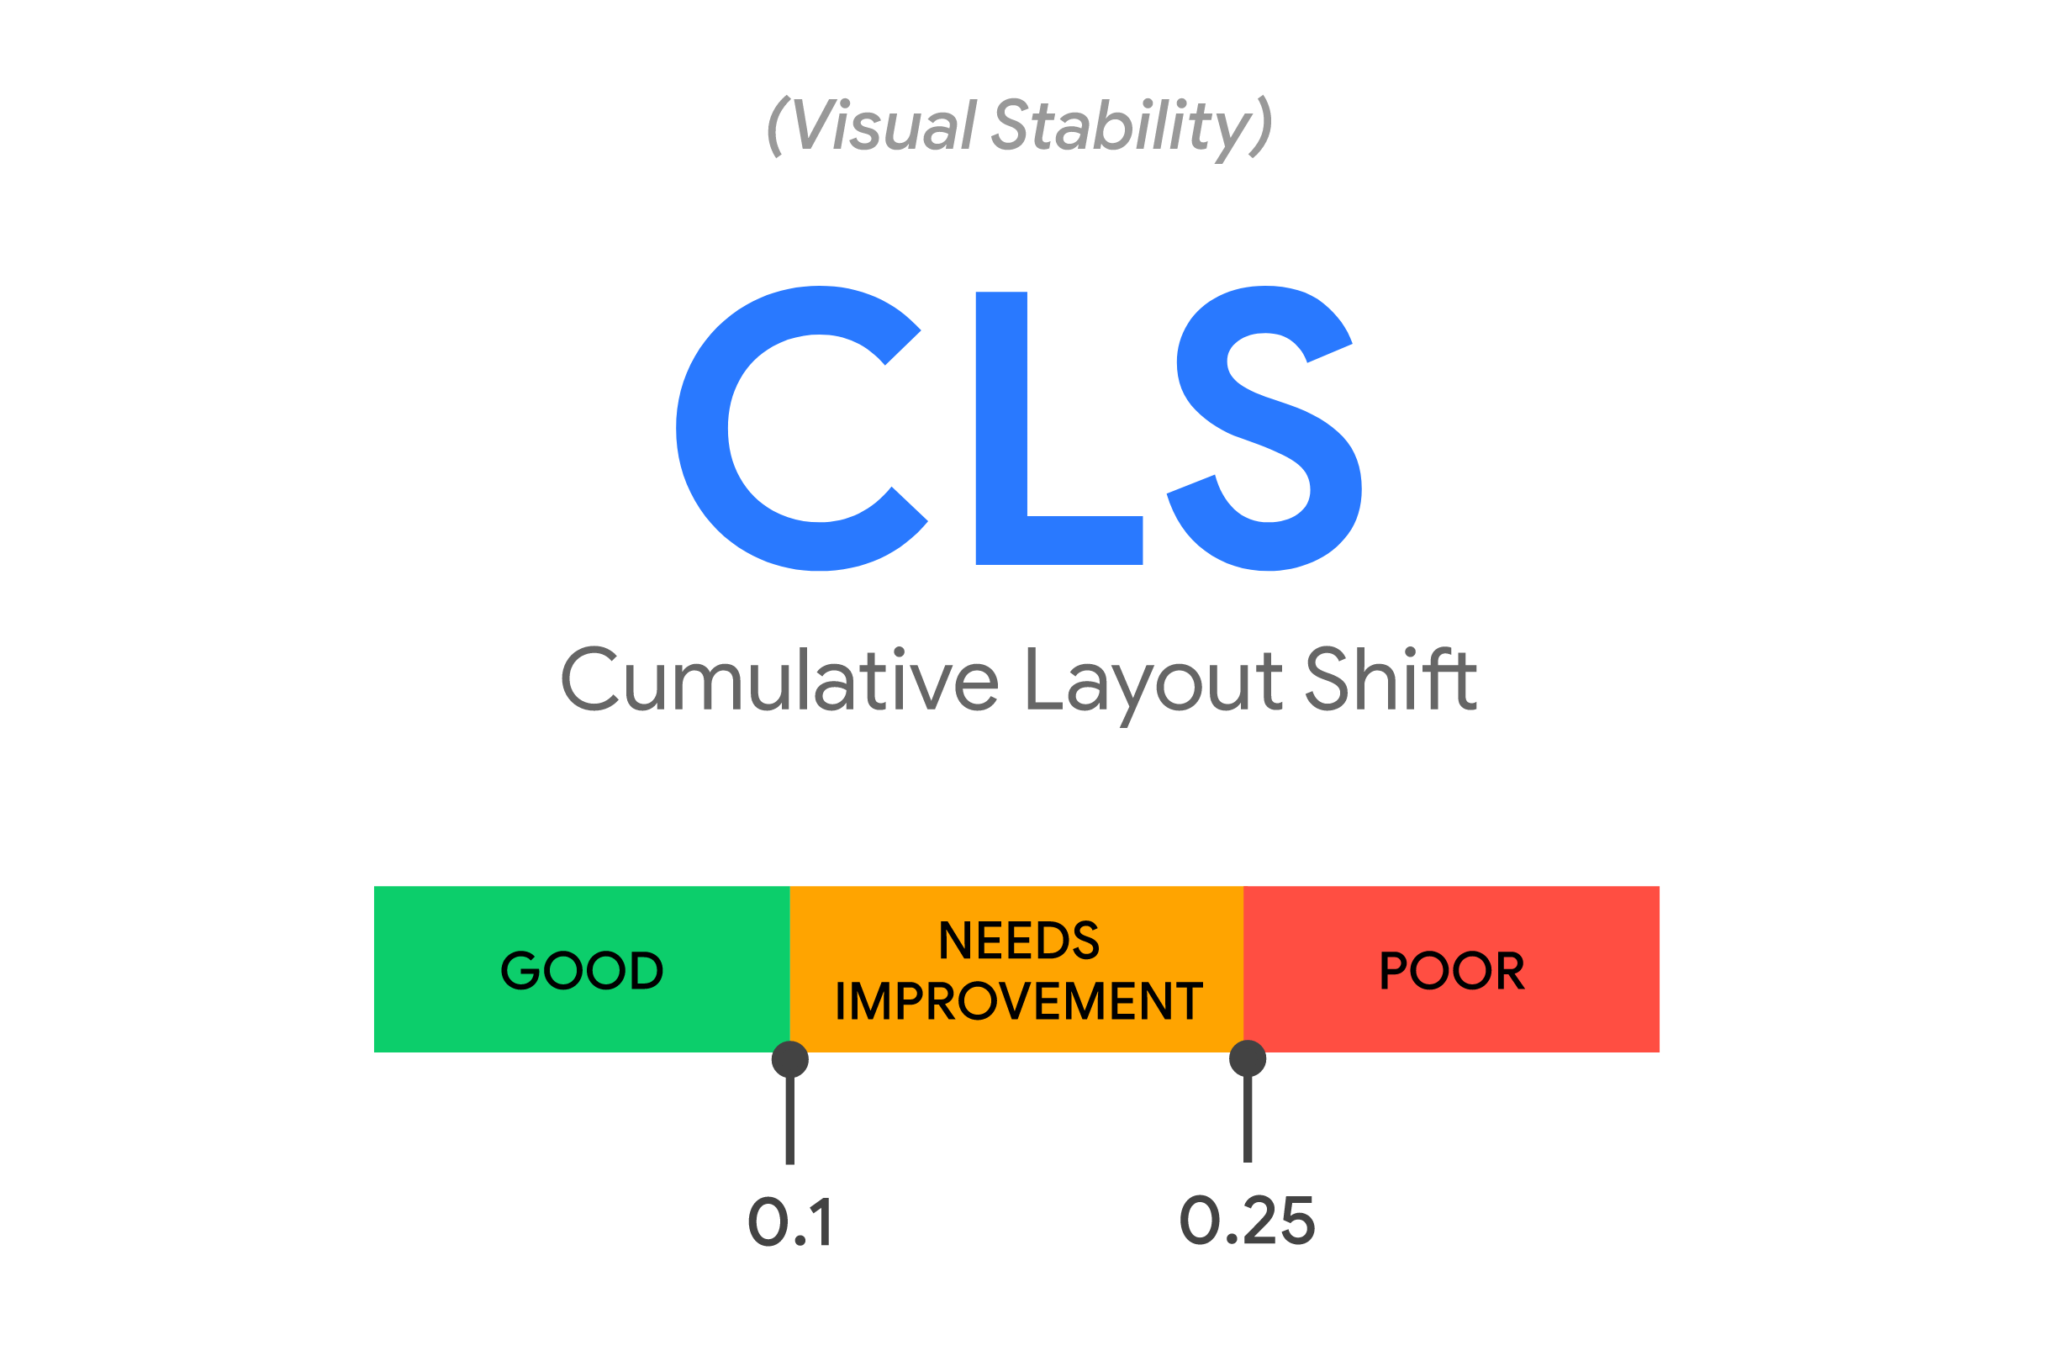 Core Web Vitals: CLS